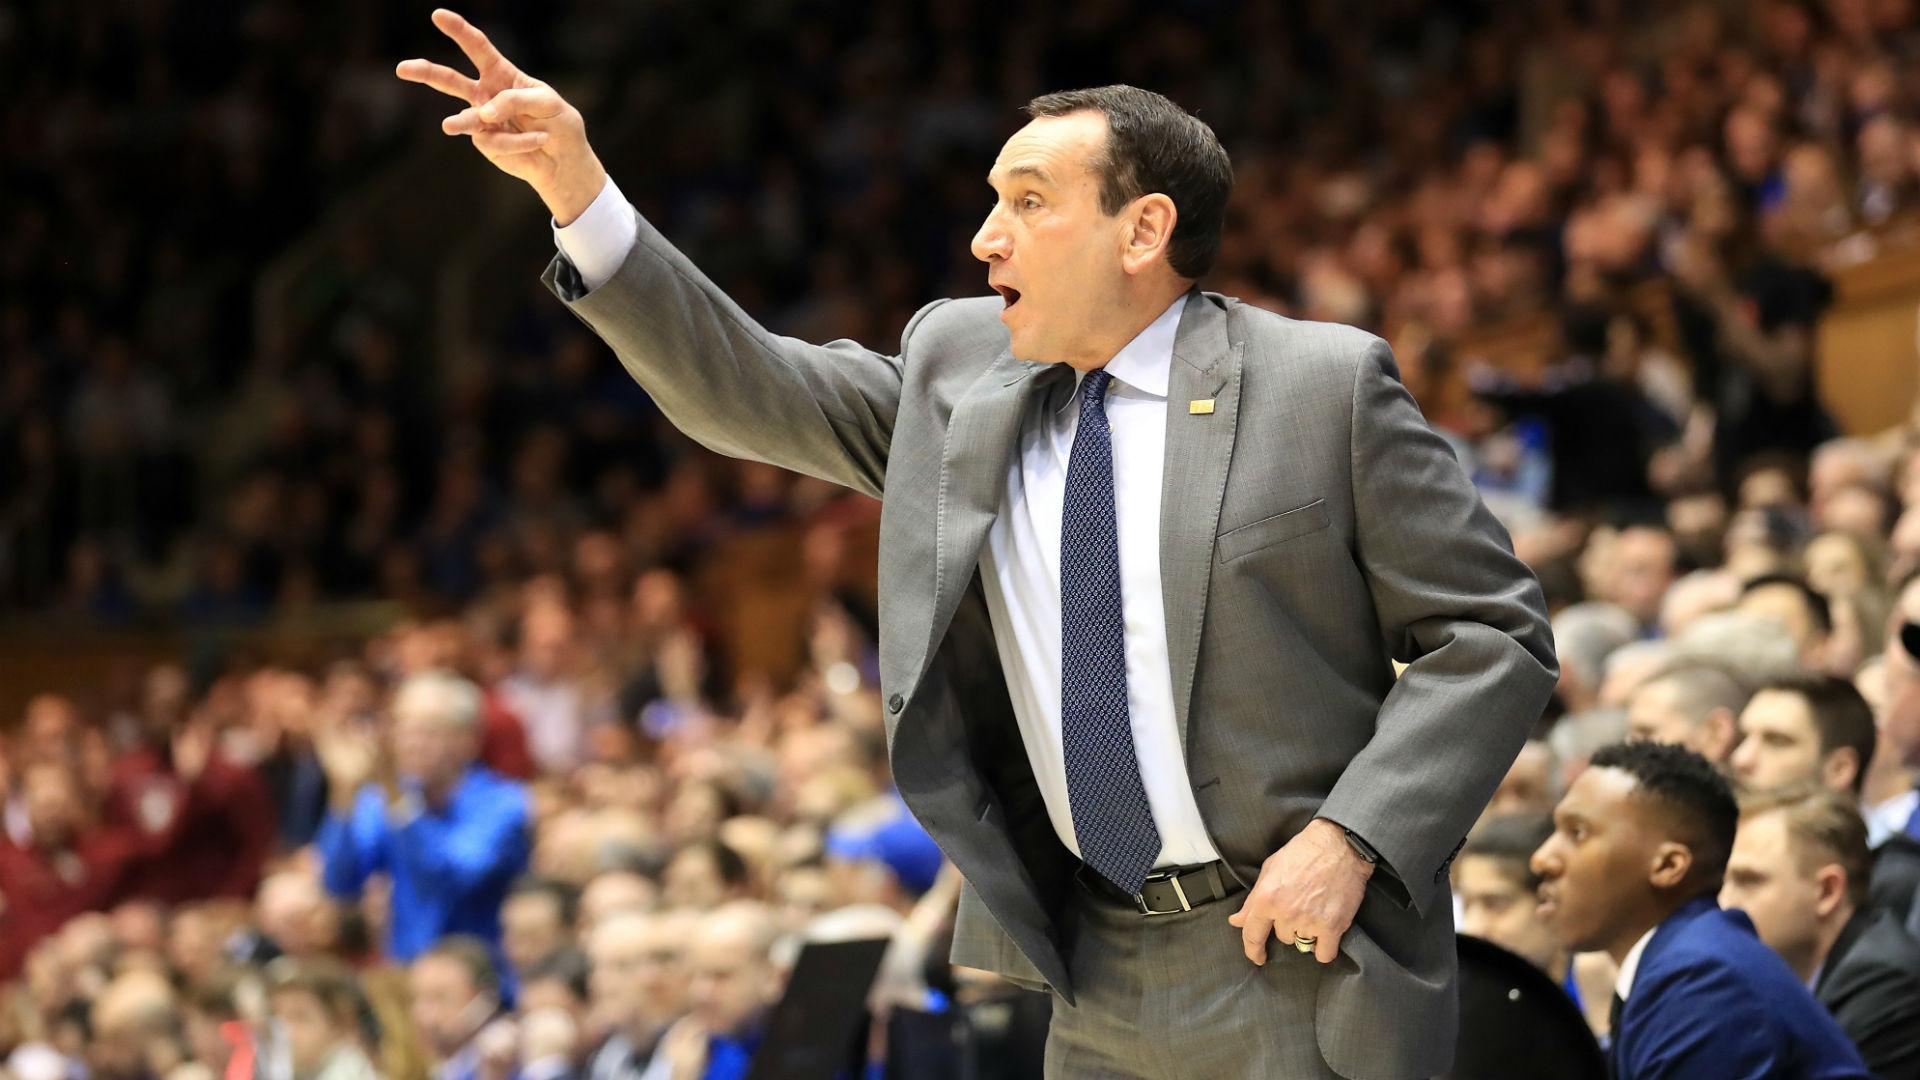 El entrenador K dice que la NCAA debería considerar darles a los adultos mayores de baloncesto universitario un año adicional de elegibilidad 2